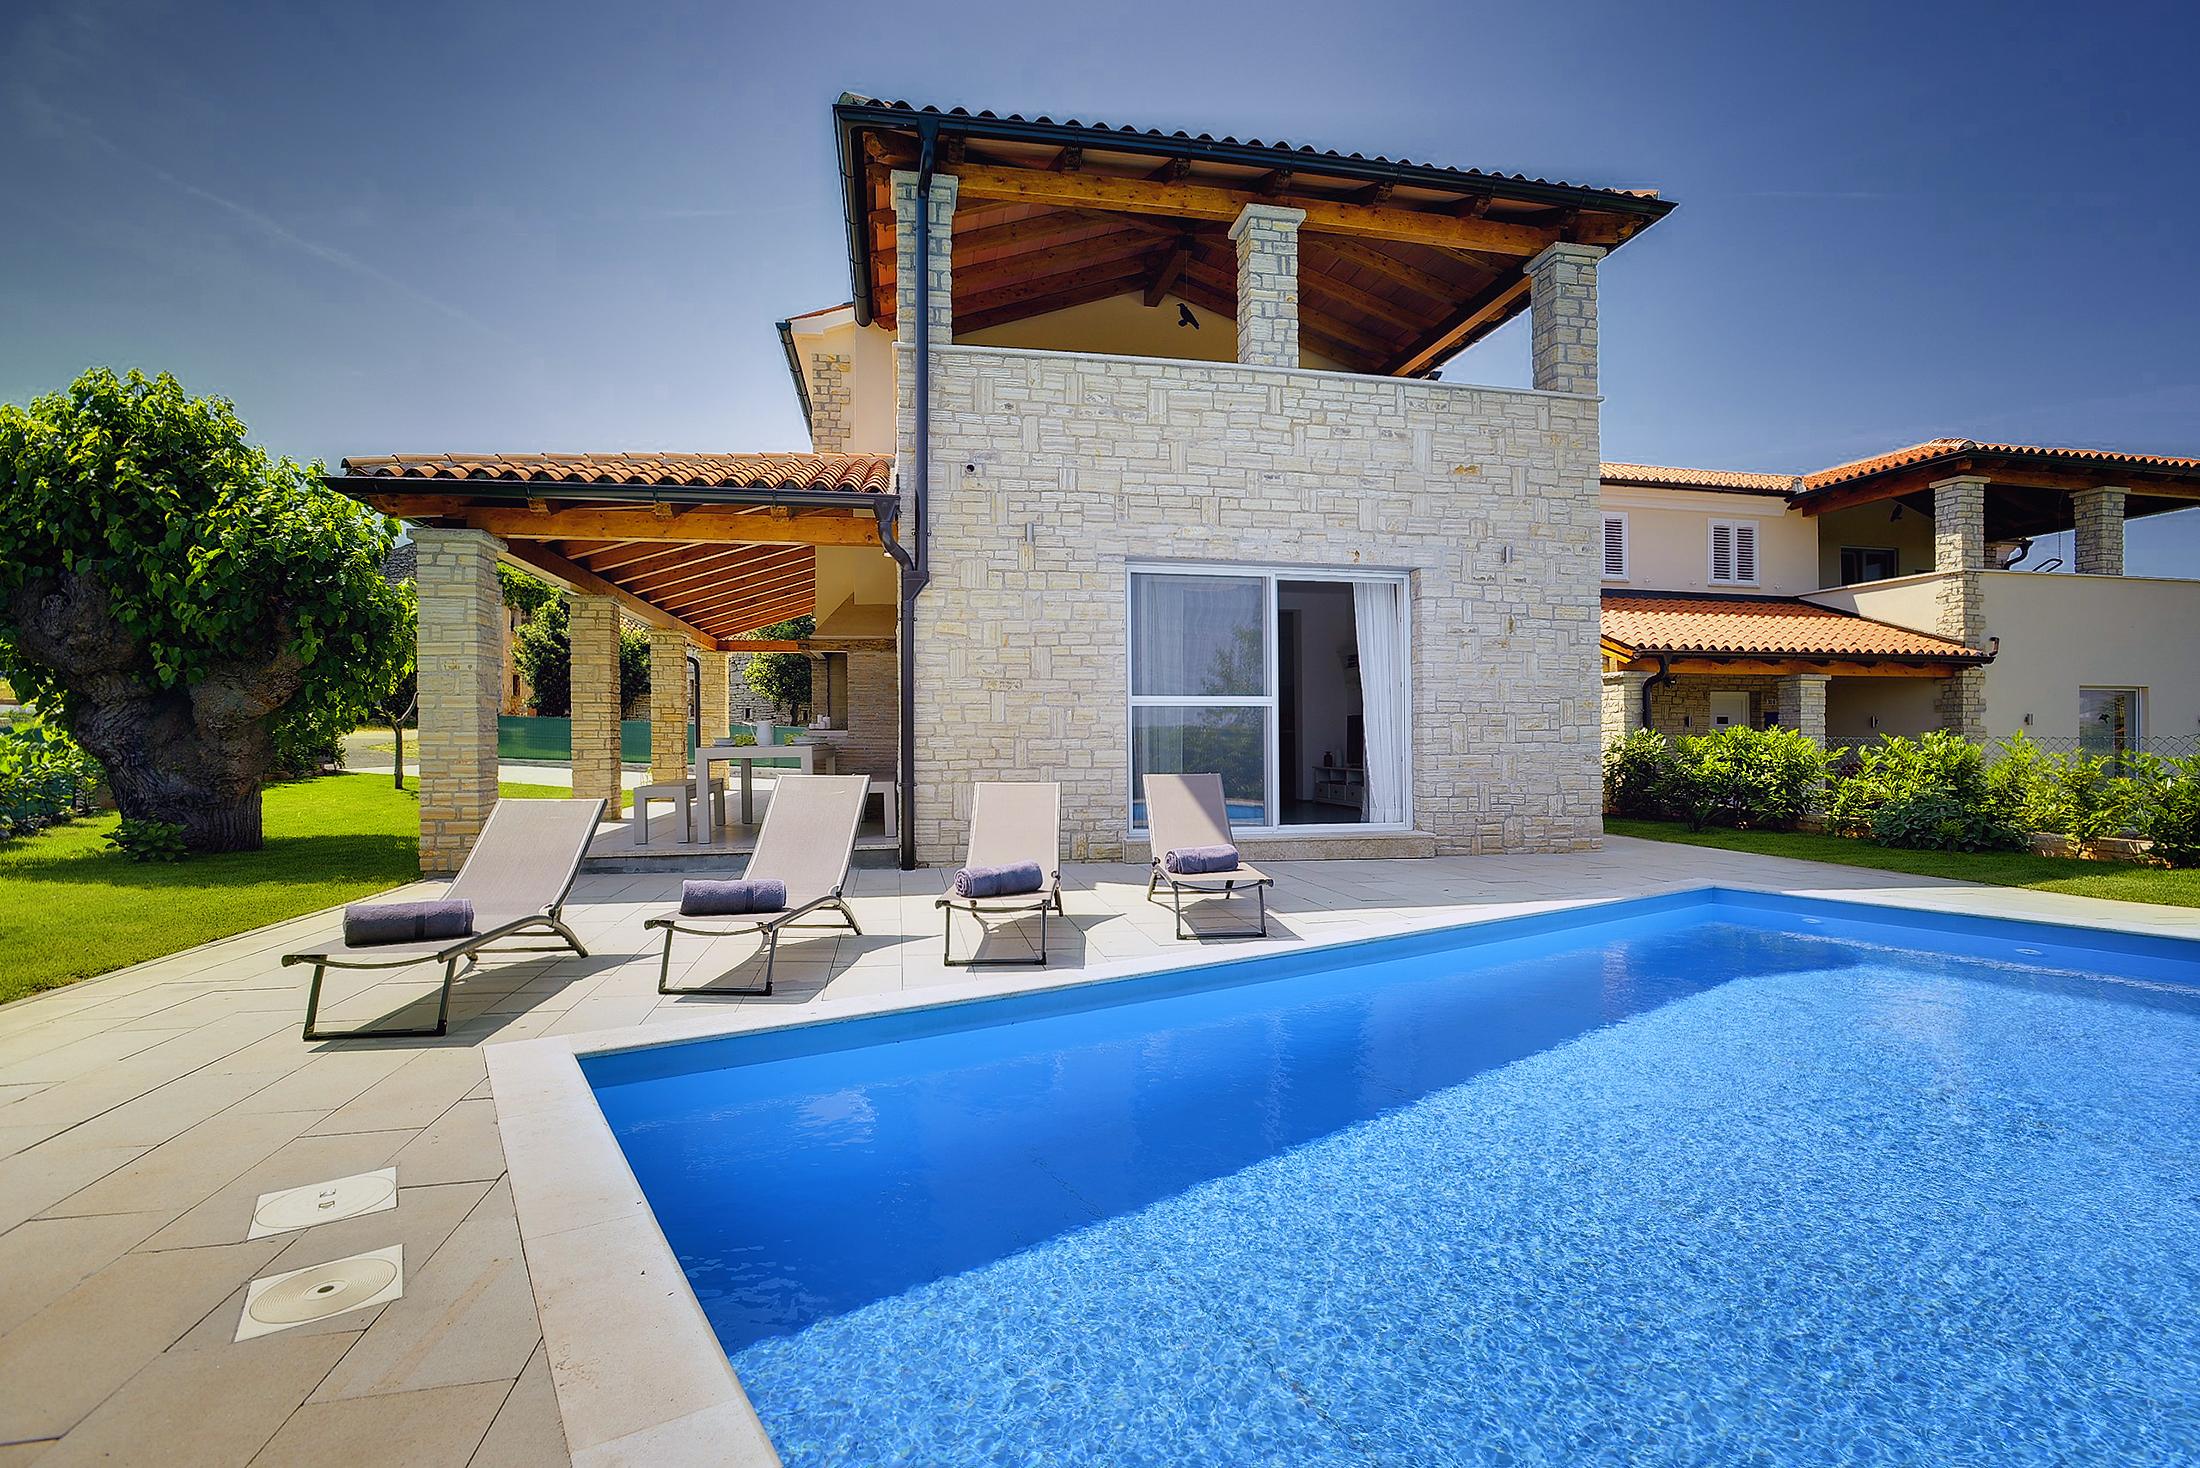 Prenotate questa moderna villa con piscina terrazza e for Ville moderne con piscina